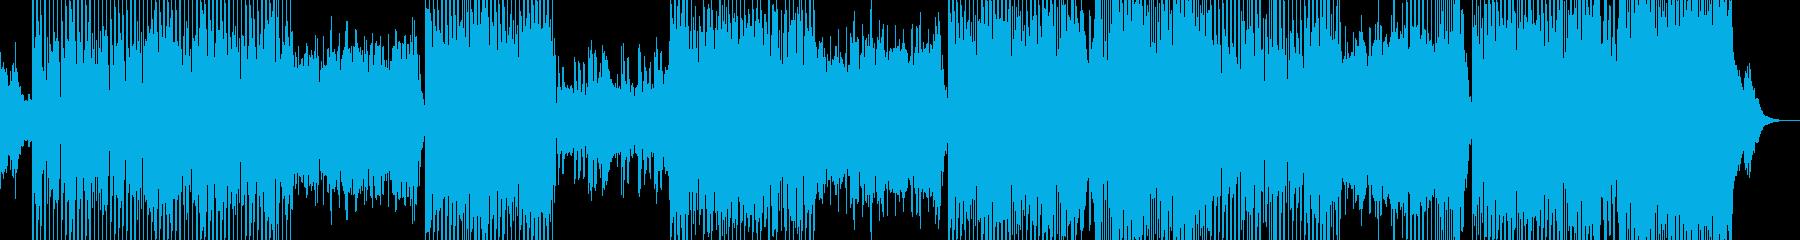 中国の揚琴という楽器を使ったEDMの再生済みの波形